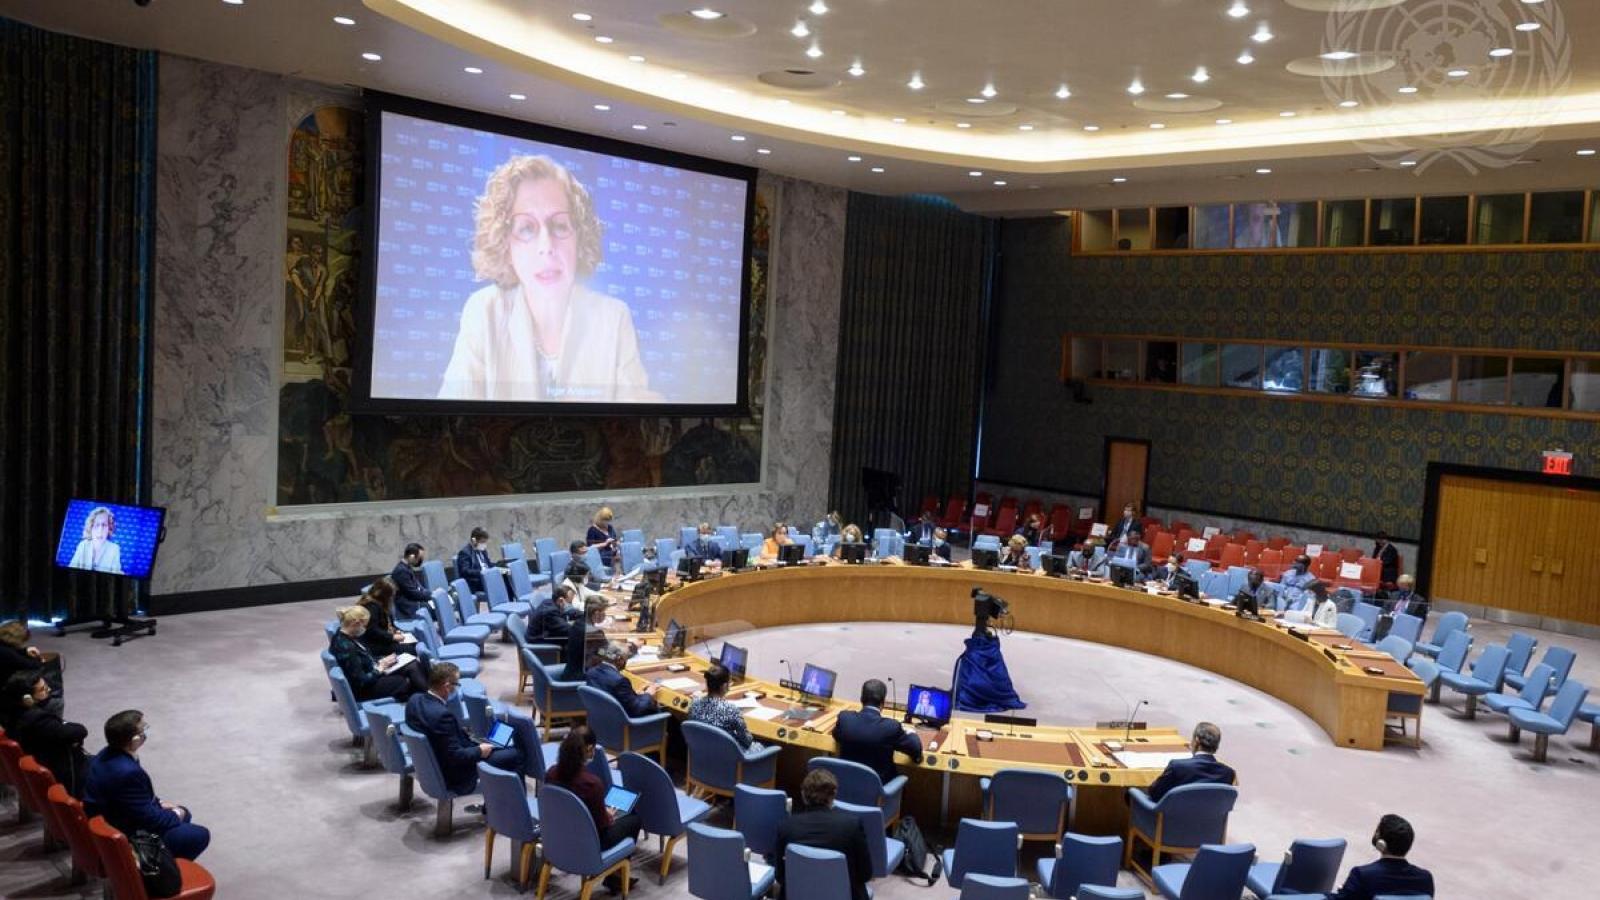 Hội đồng Bảo an LHQ lo ngại nguy cơ thảm họa từ tàu chở dầu ngoài khơi Yemen